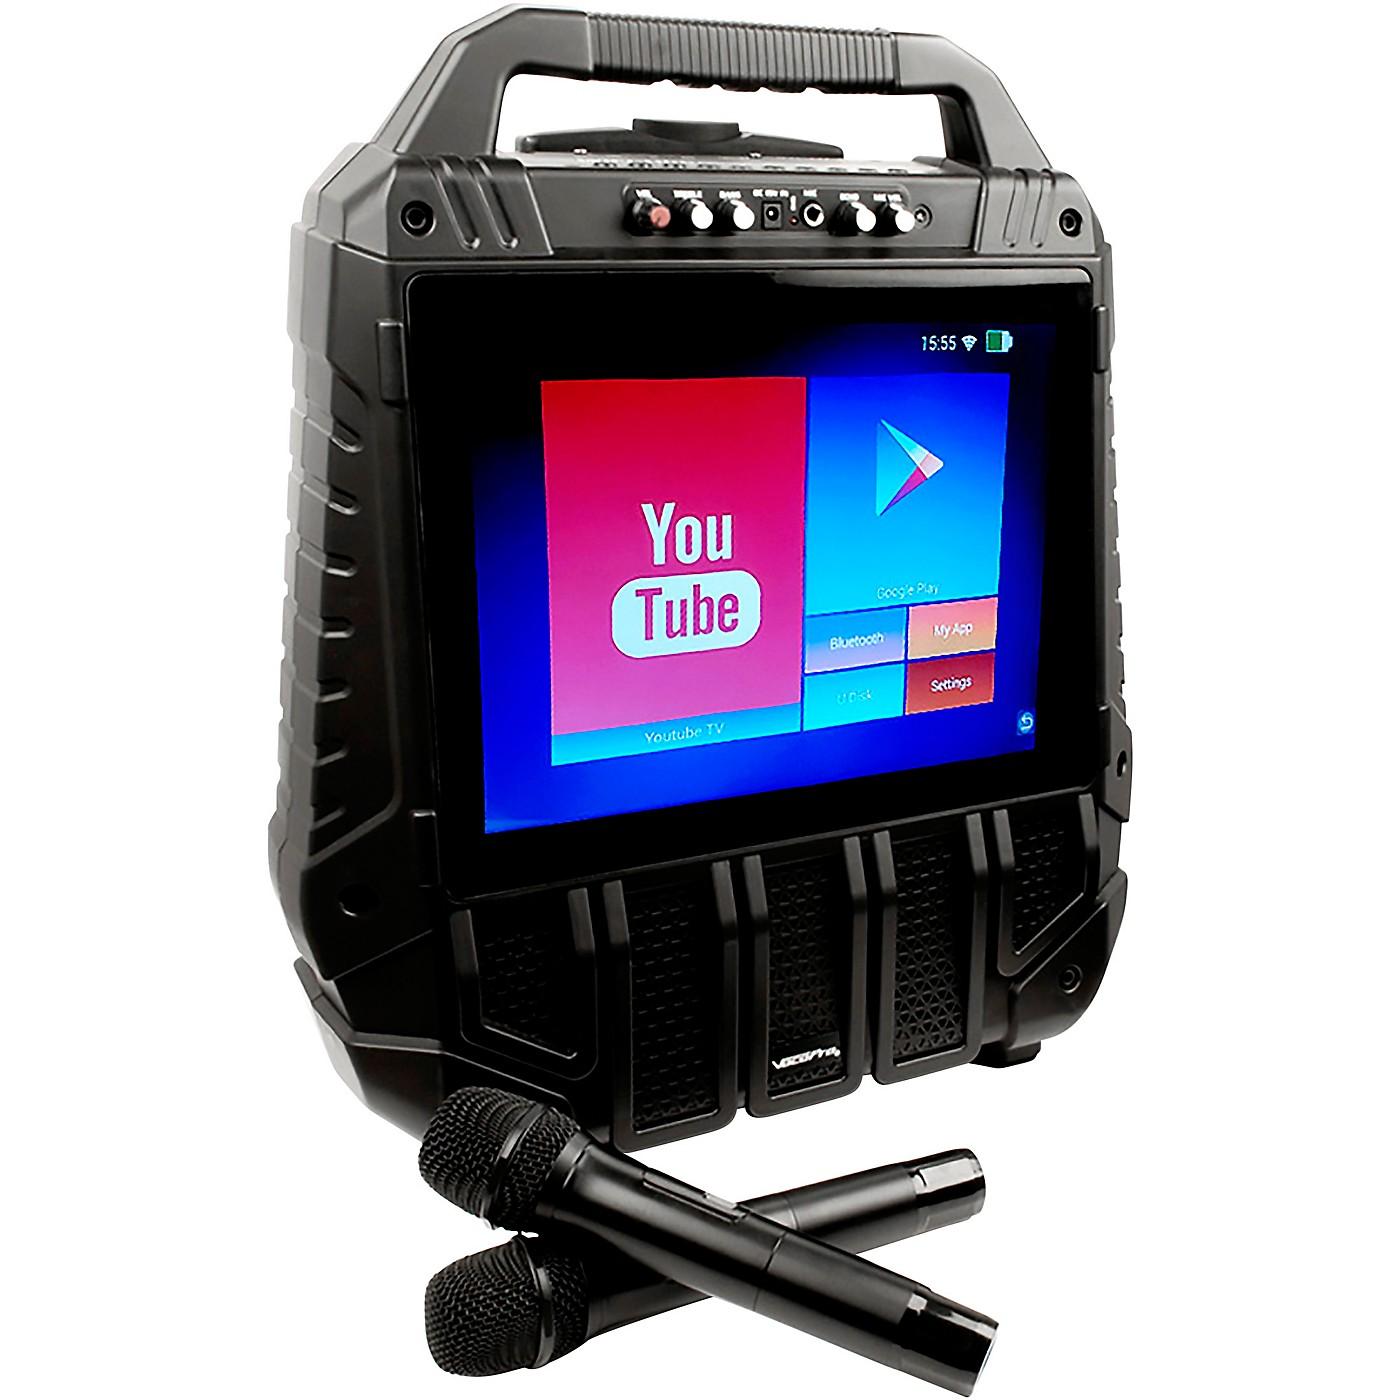 VocoPro WiFi-Oke Wireless Karaoke Machine thumbnail